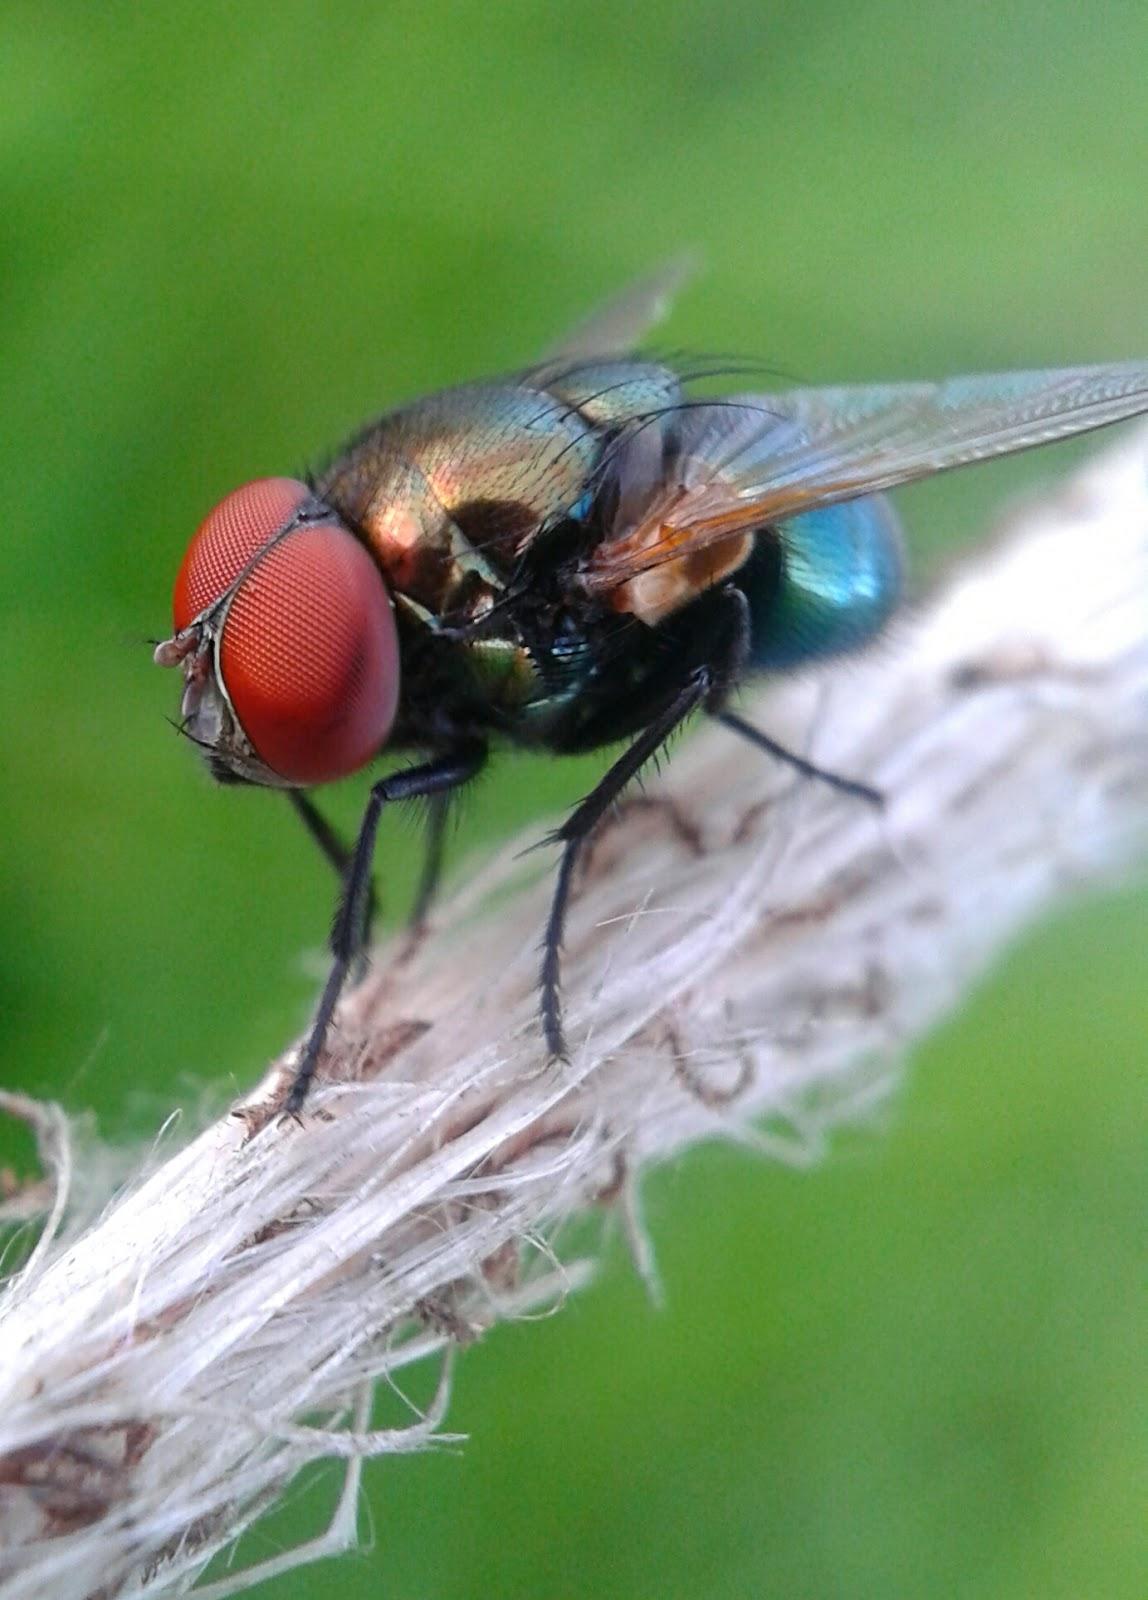 Macro Insect Phonegraphy Lensbong Lensa Bongkaran Makro Hp Dengan Bantuan Atu Bongkarankita Bisa Memanfaatkan Camera Smarthone Kita Untuk Mengambil Objek